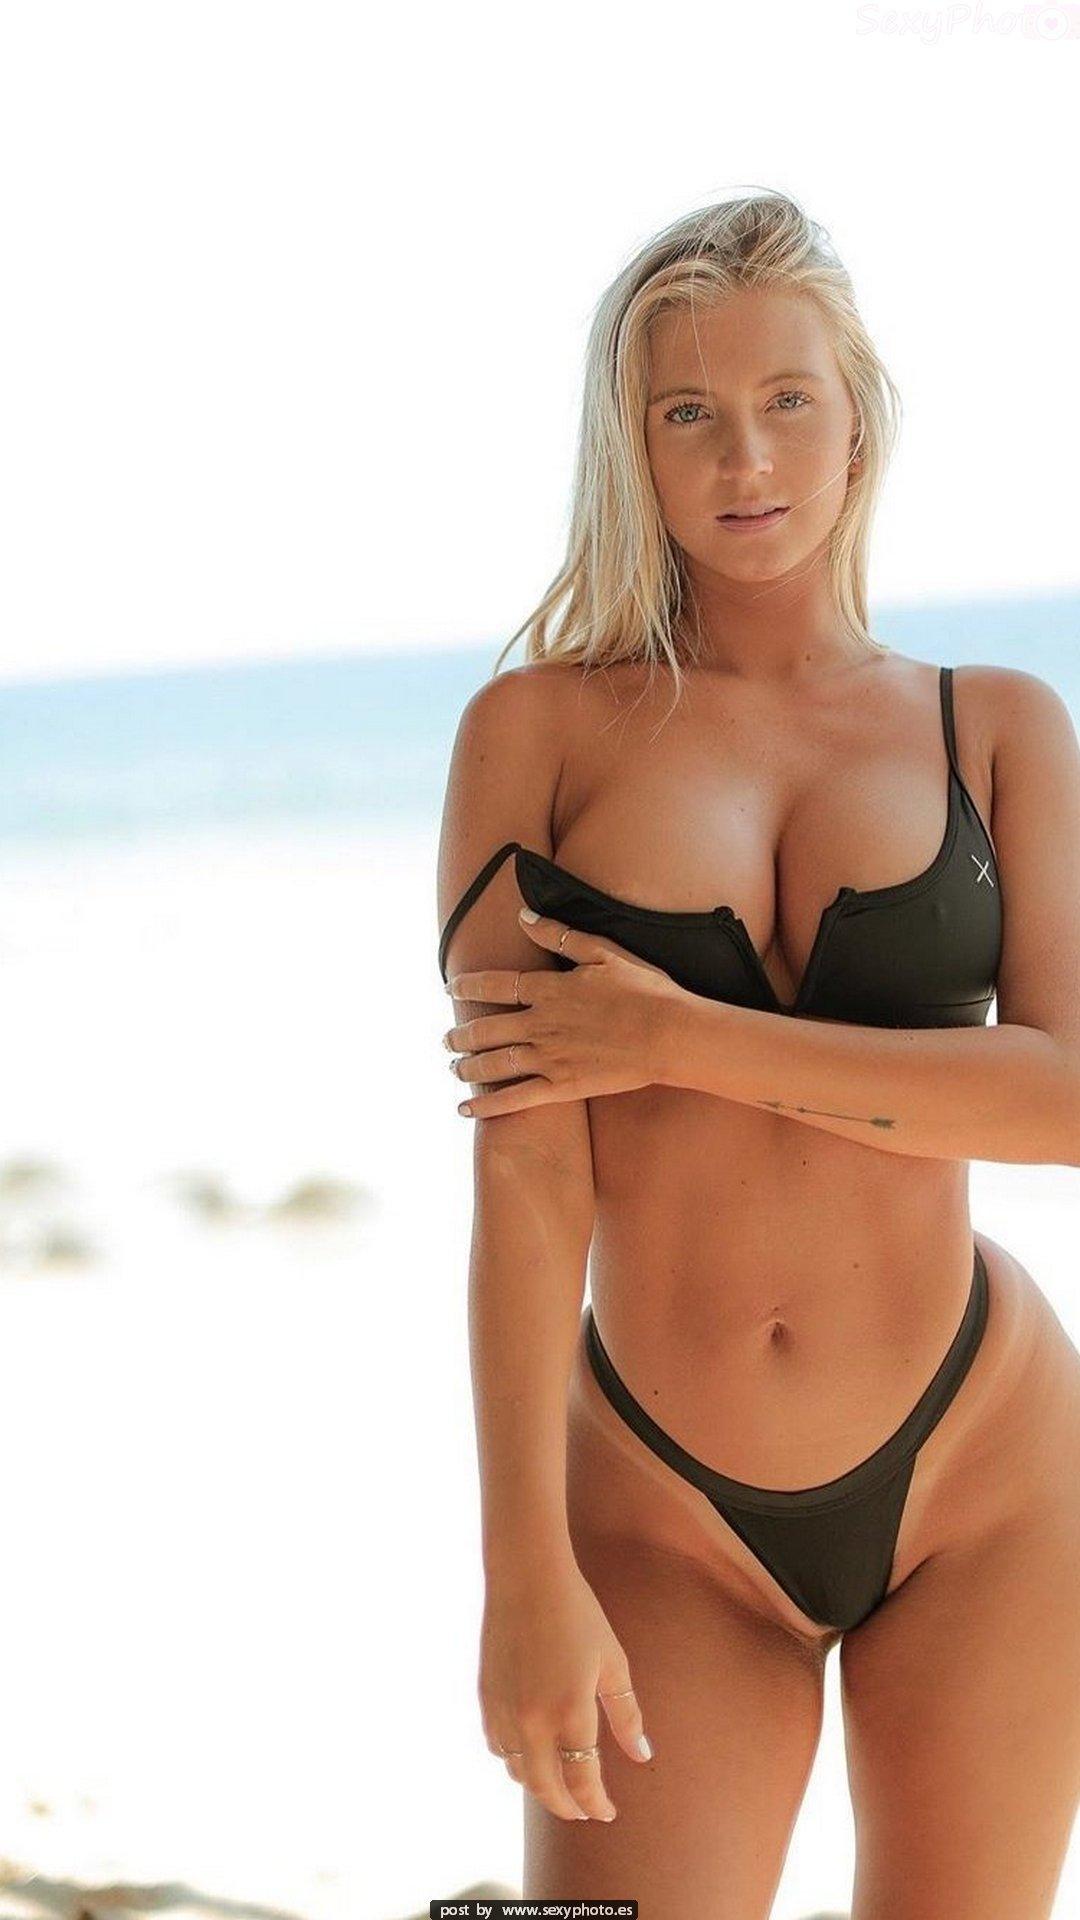 sexy bikini micro bikini